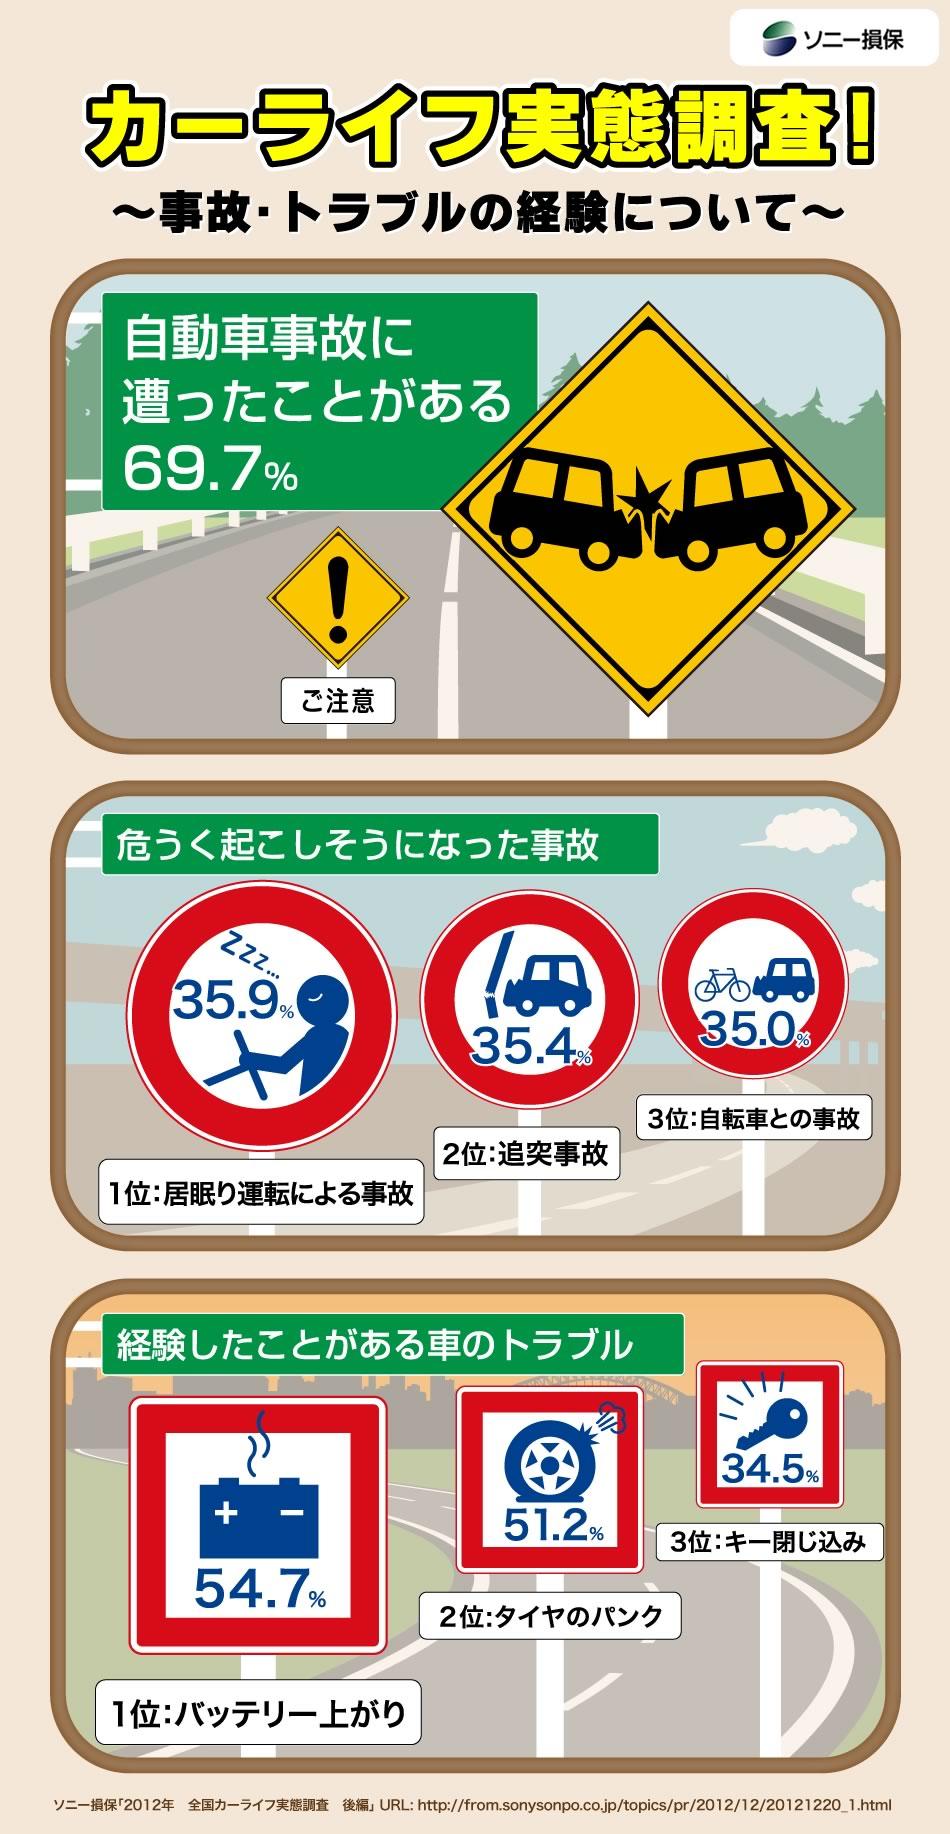 """~2012年 全国カーライフ実態調査 後編~ ドライバーの7割 自分が運転をしている際に自動車事故を経験「居眠り運転」でヒヤリハット経験 3割半へ増加 スマホのナビアプリ利用者の9割は「カーナビの代わりになる」 自動車保険の""""新等級制度""""の認知率 3割半"""